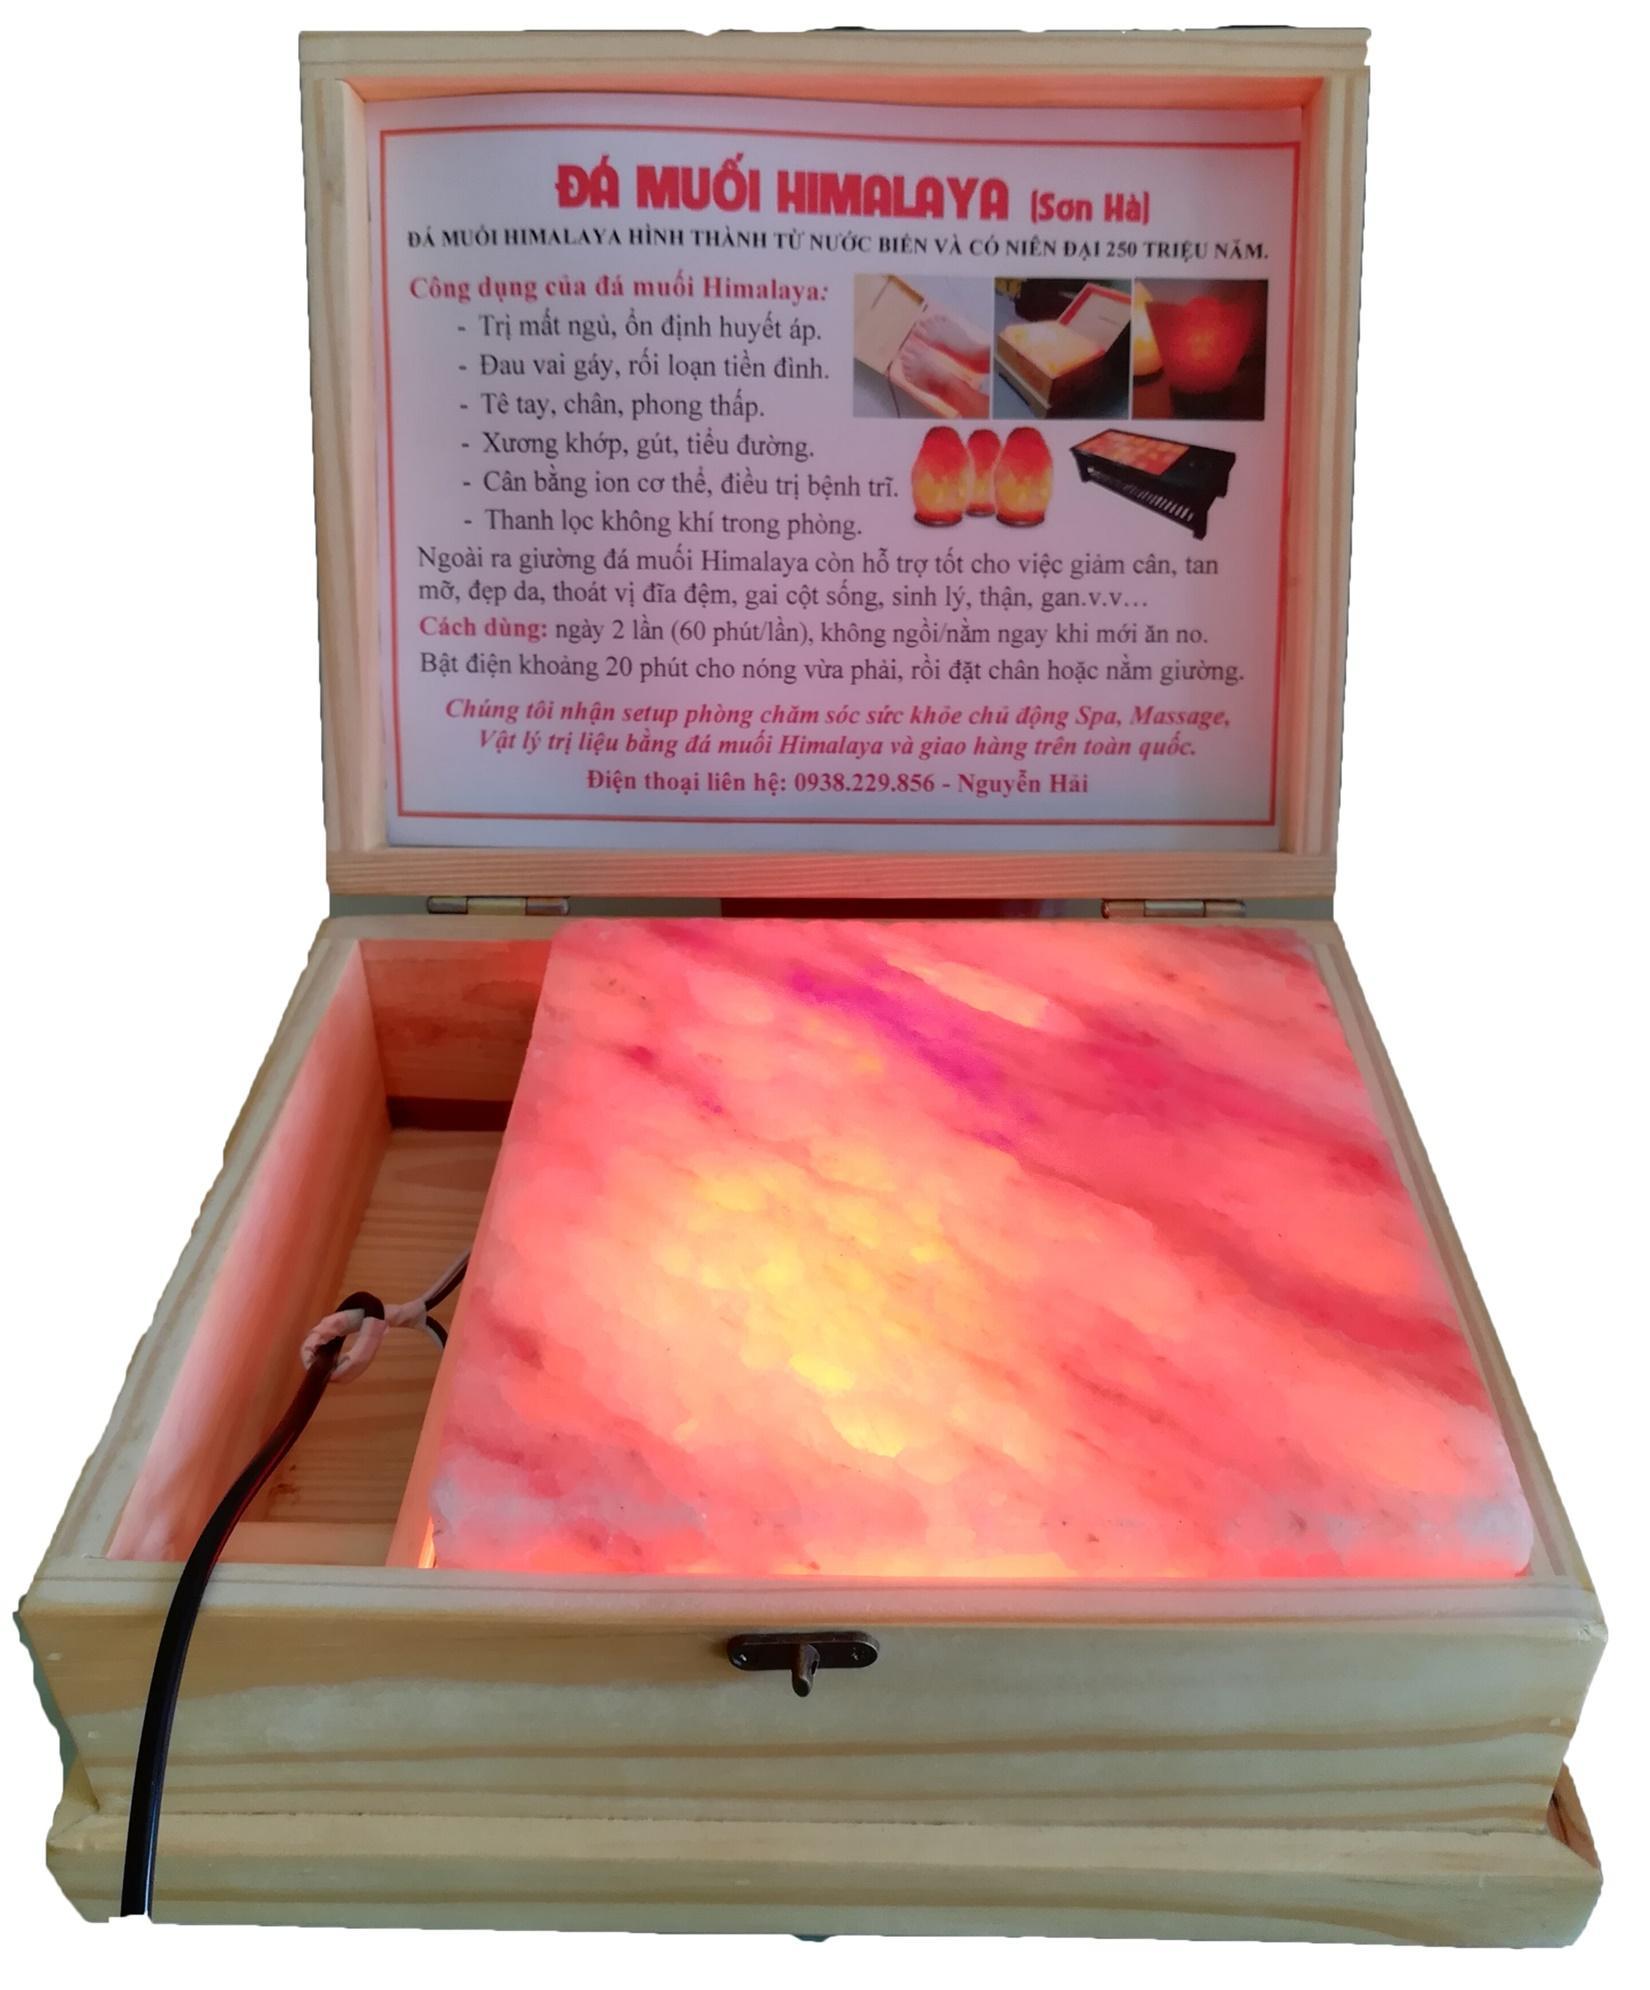 Hộp Đèn Đá Muối Himalaya Pakistan Massage Chân Chữa Bệnh - Đơn - Phẳng tốt nhất